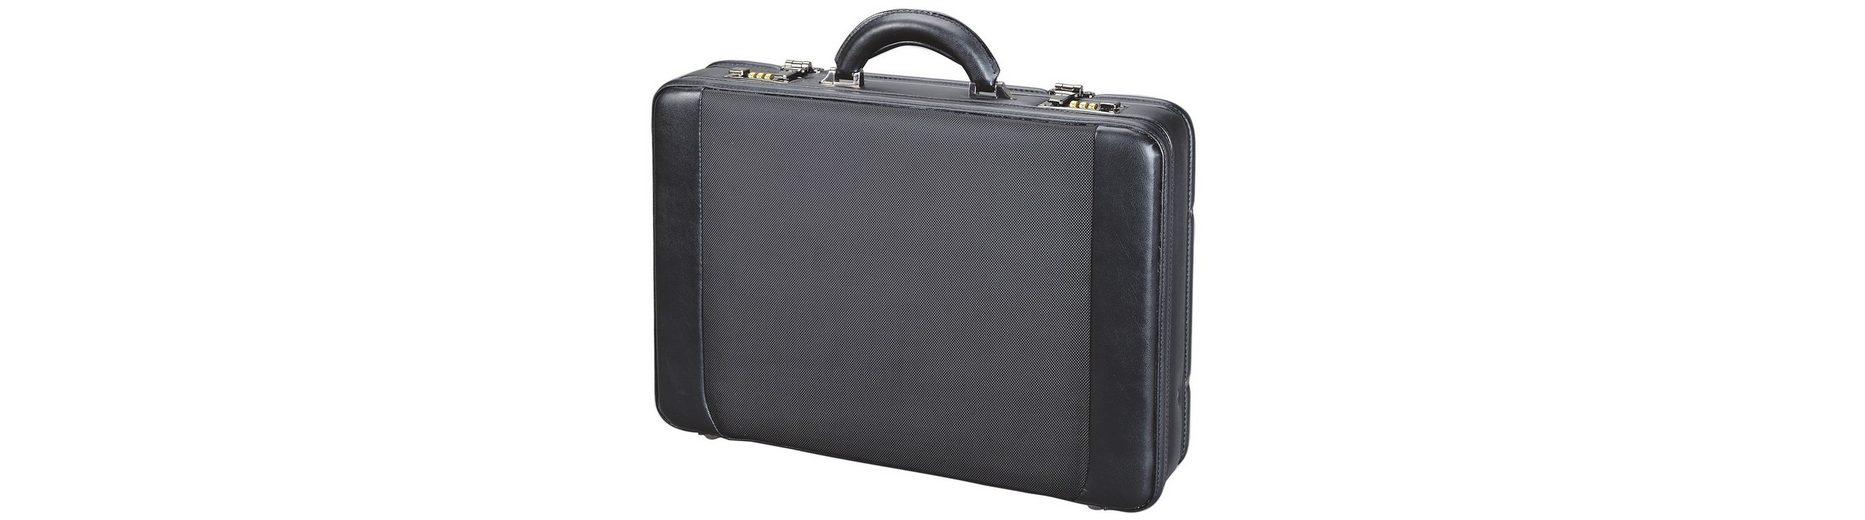 Alassio® Businesskoffer mit herausnehmbarer Laptoptasche, »Modica, Attachékoffer«